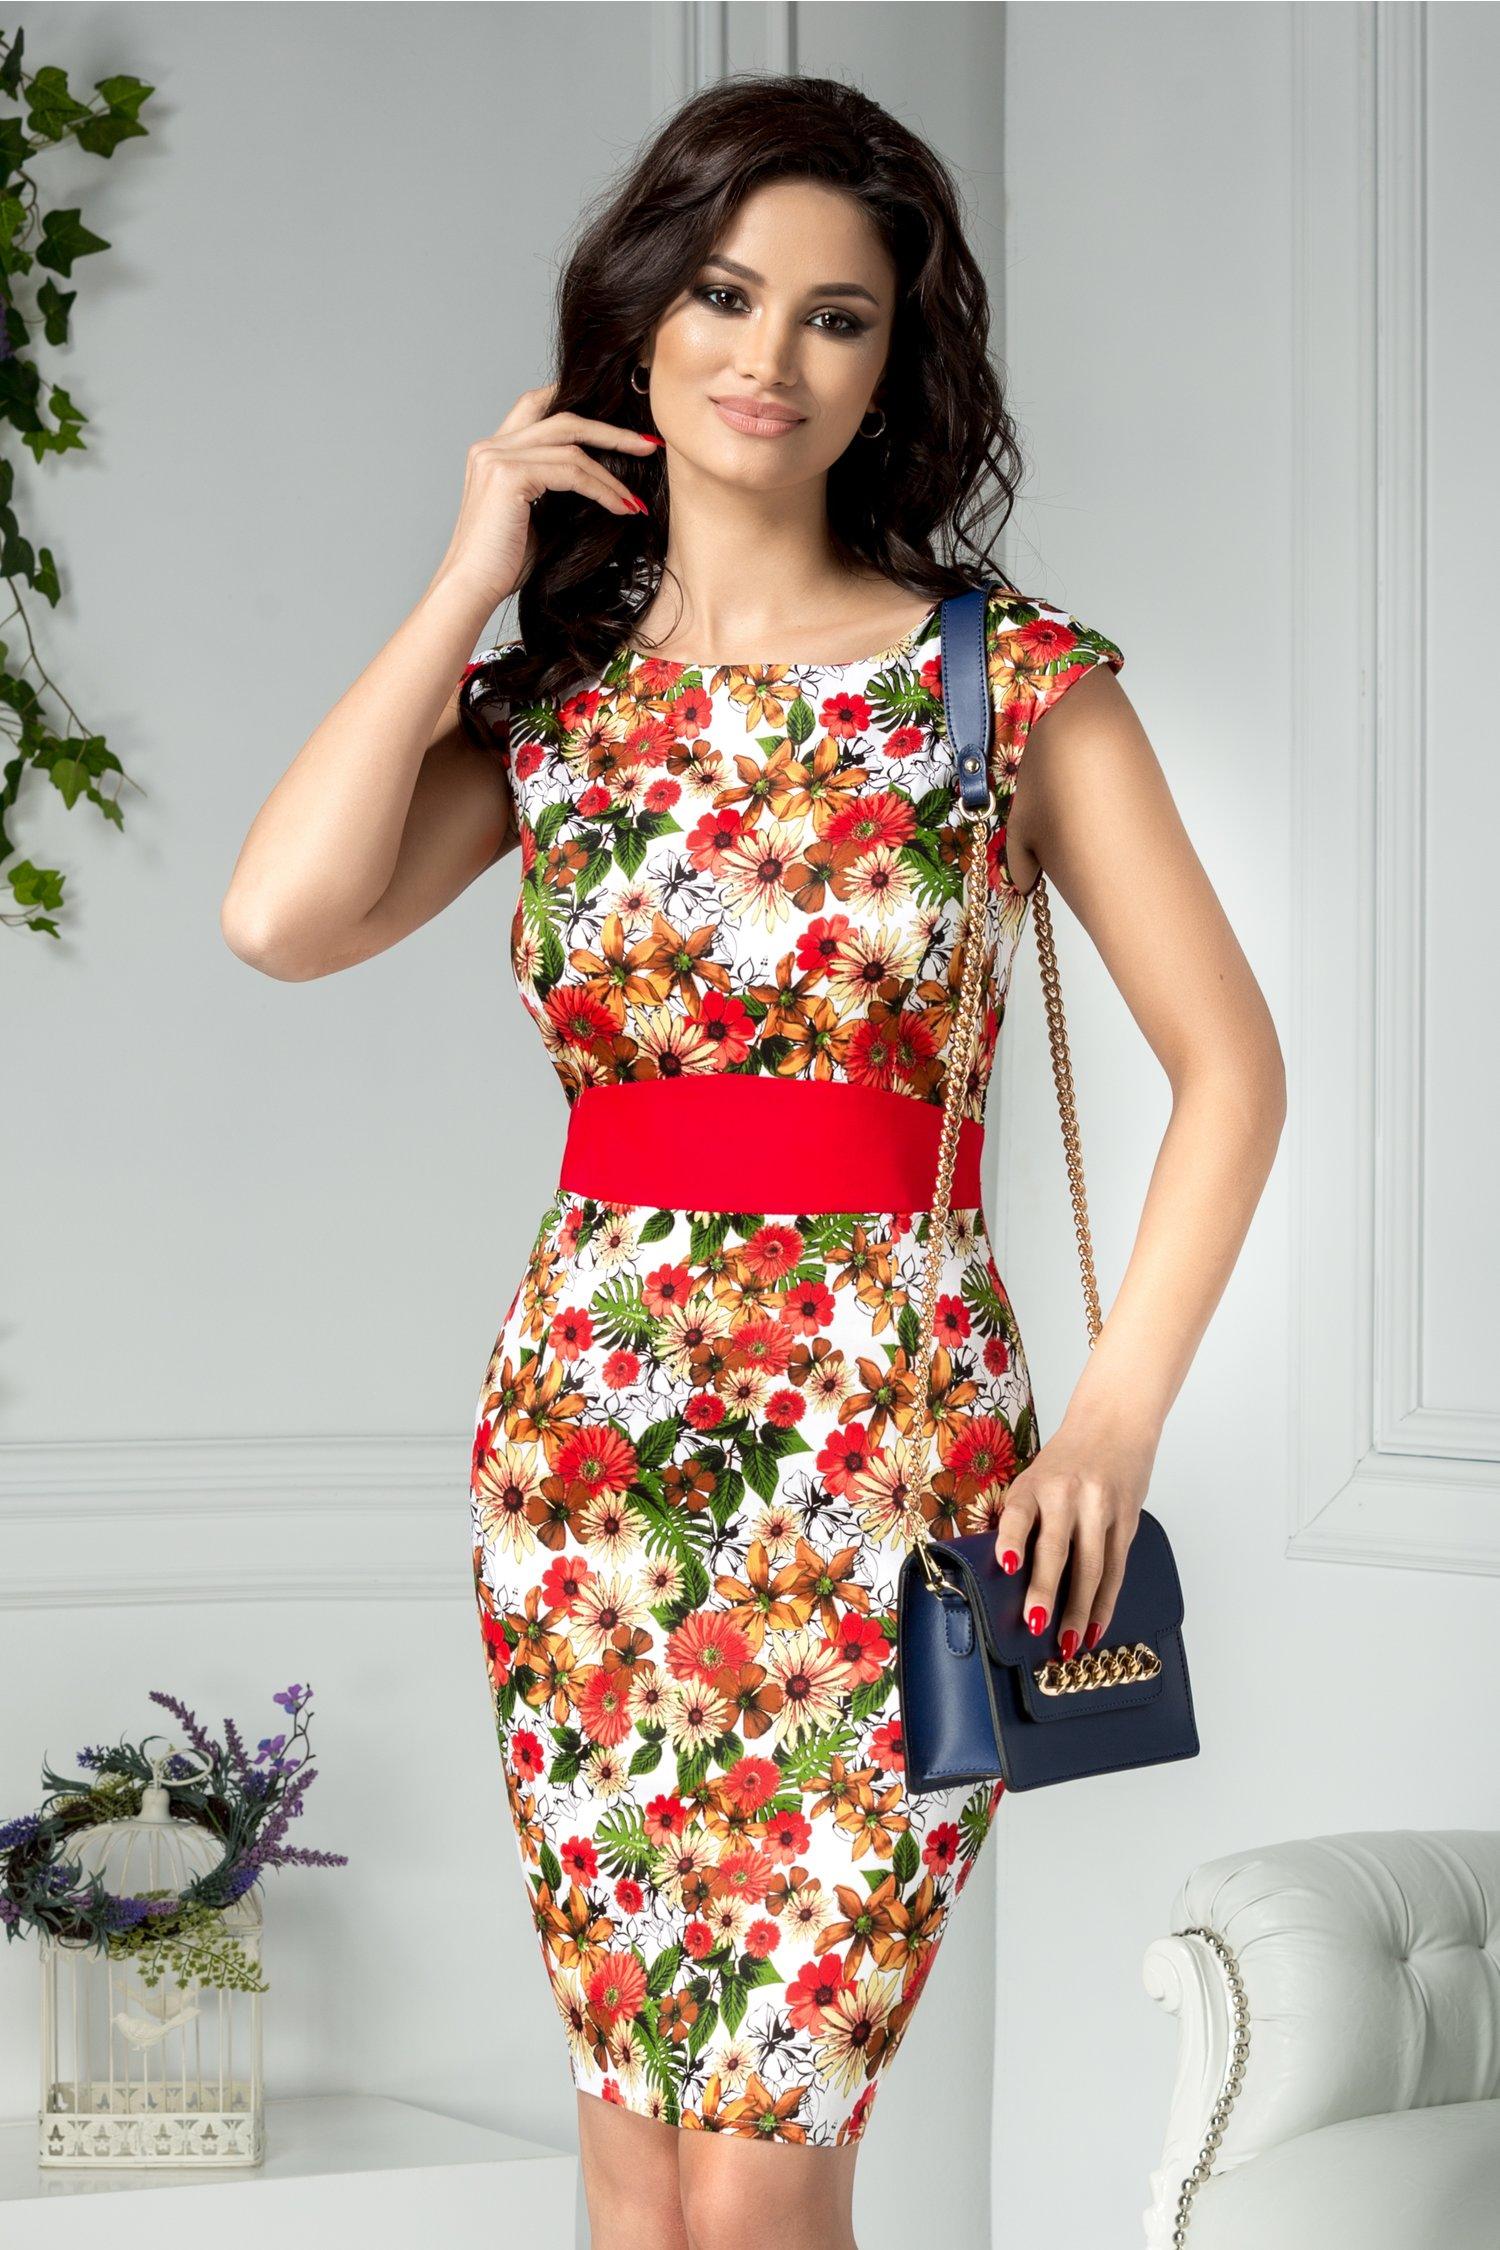 Rochie Silio alba cu imprimeu floral rosu